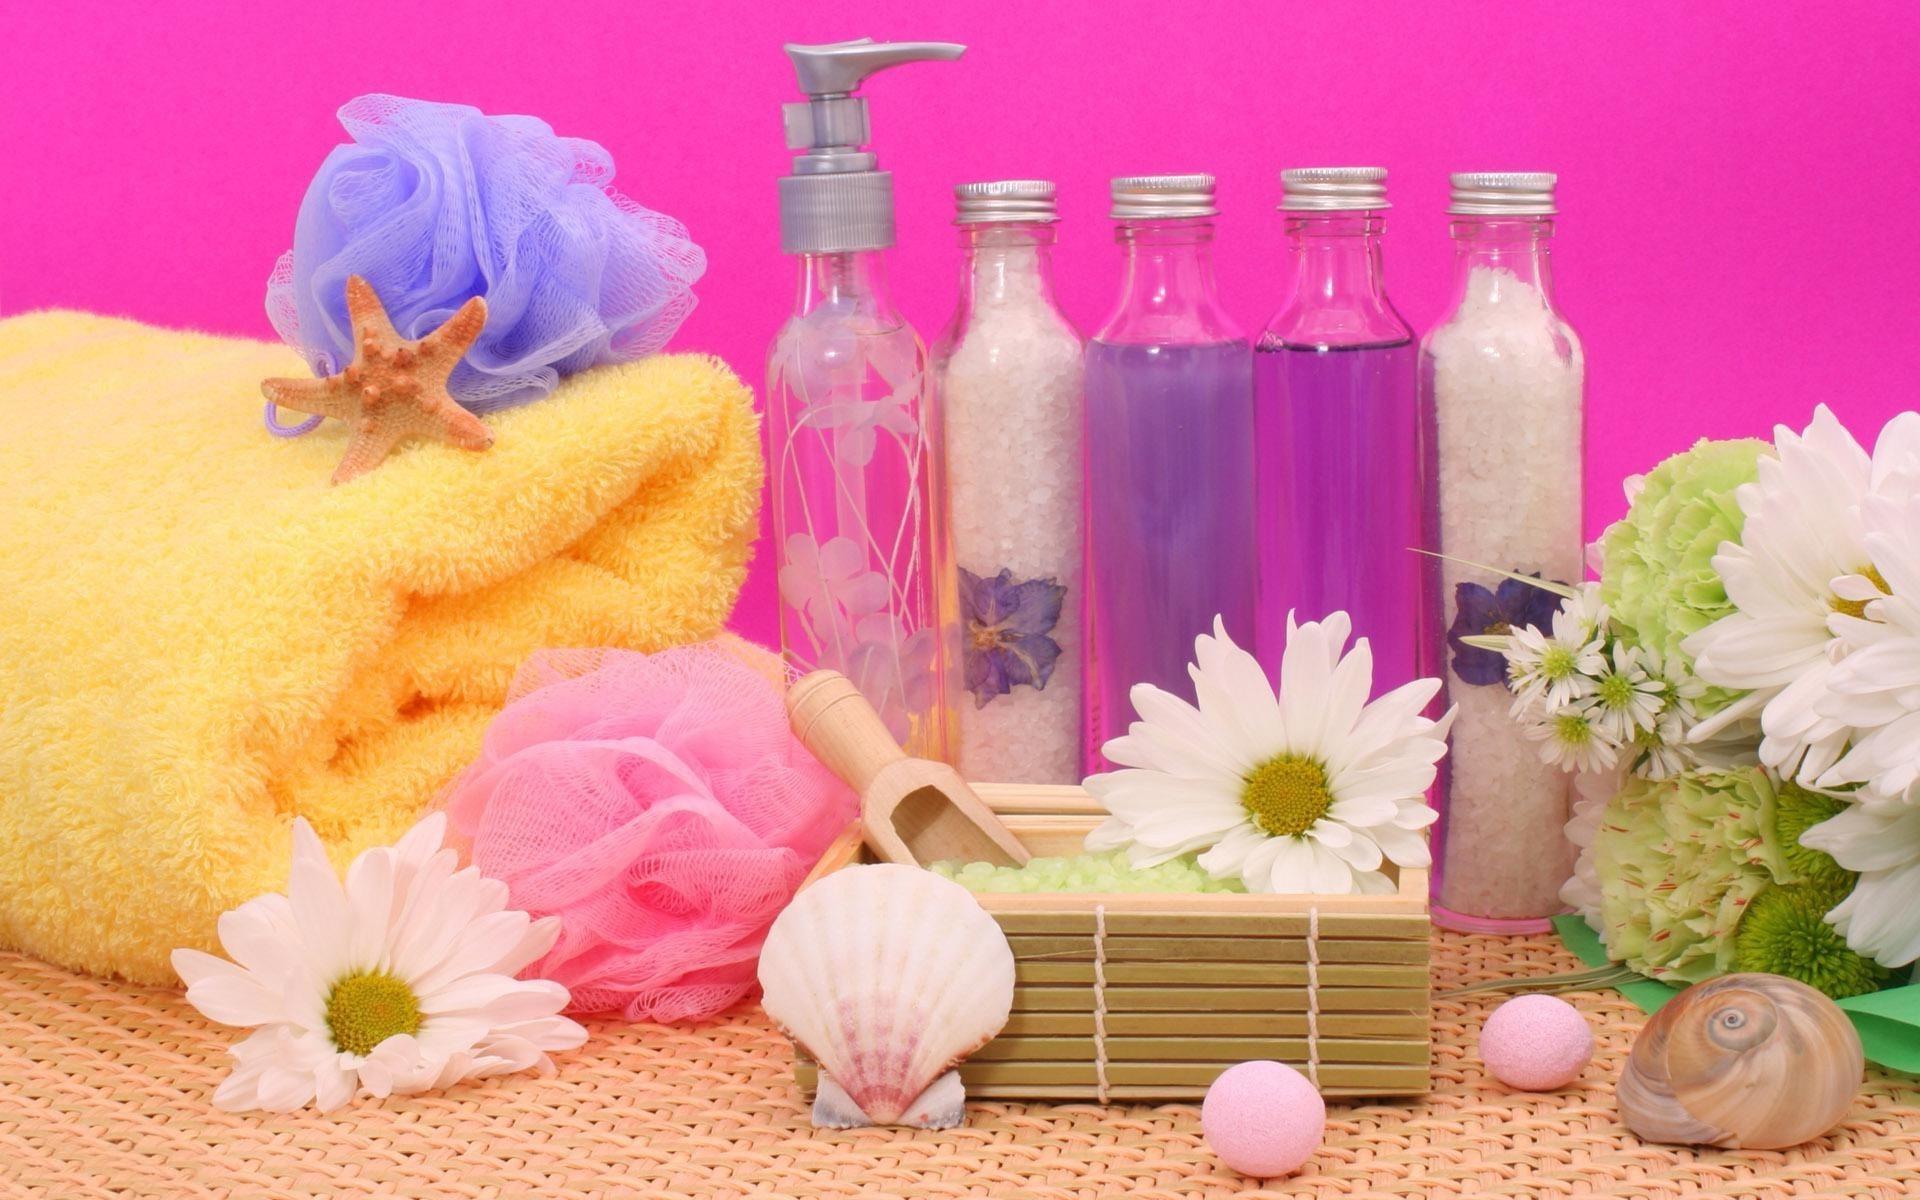 Flores y aromas - 1920x1200